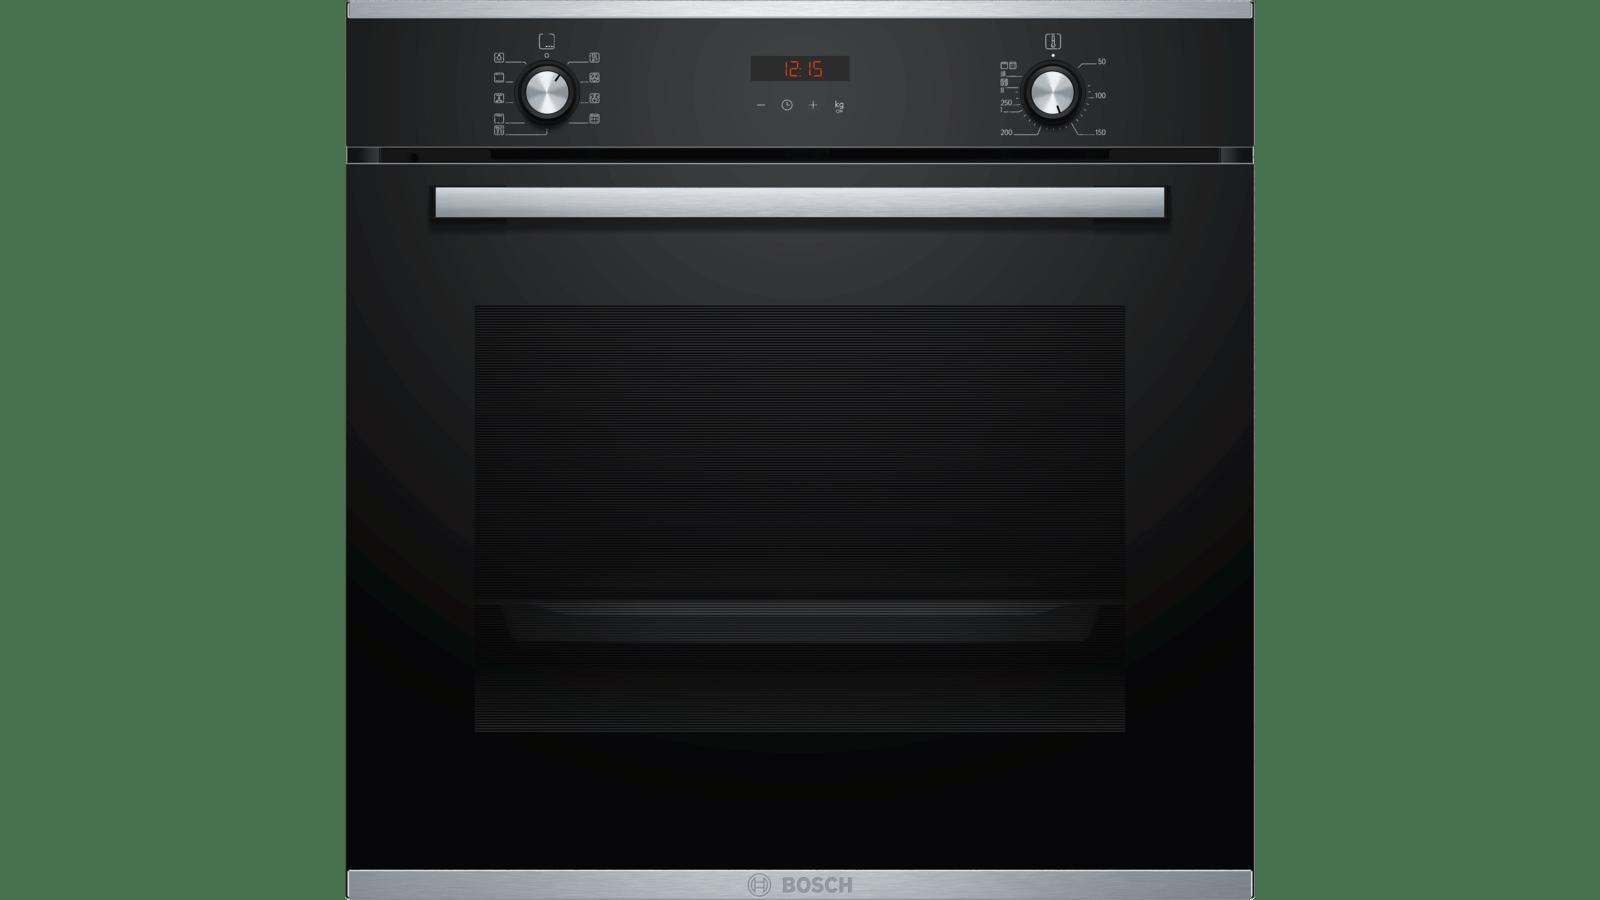 Serie 4 Built In Oven Acien Inoxydable Hbs273bs0